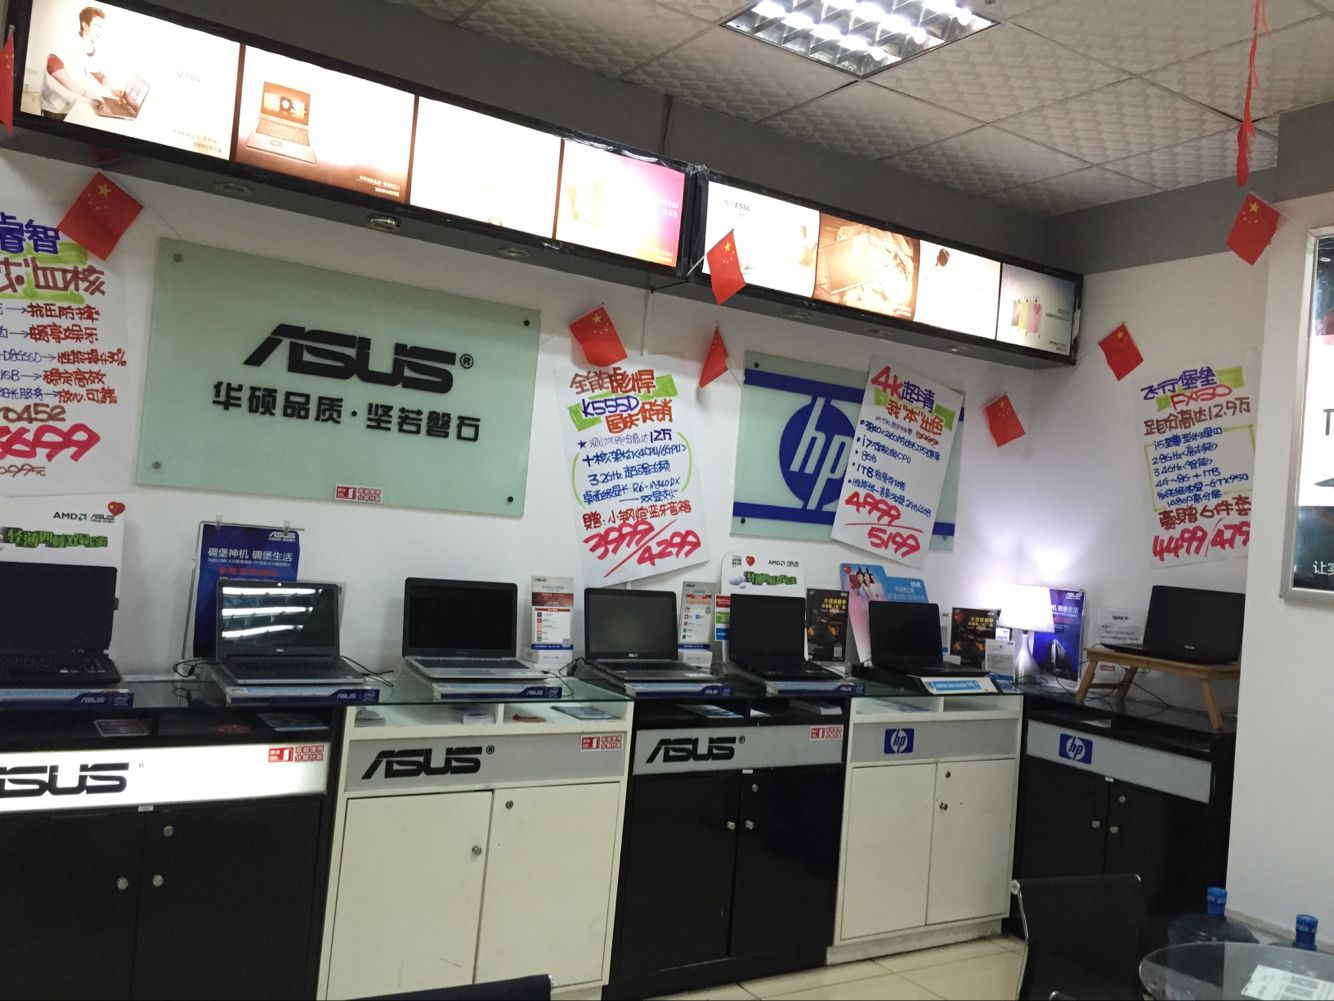 华开电脑企业店